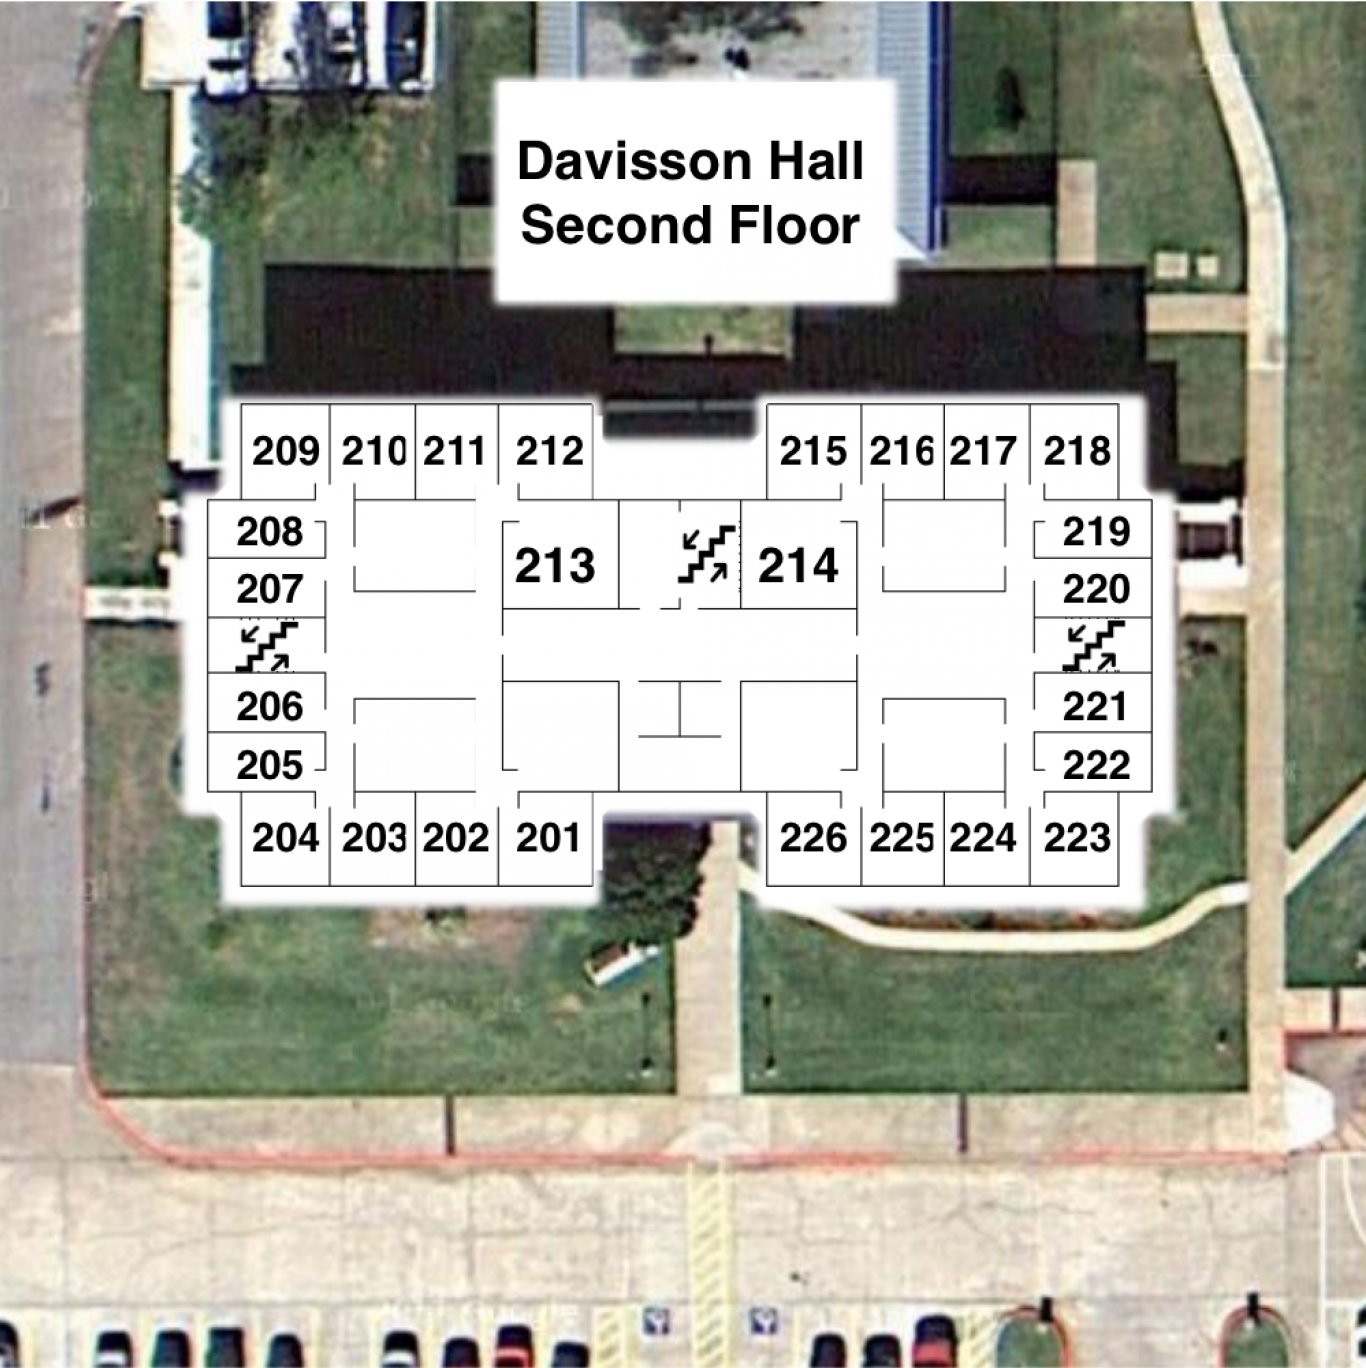 Davisson Hall F2